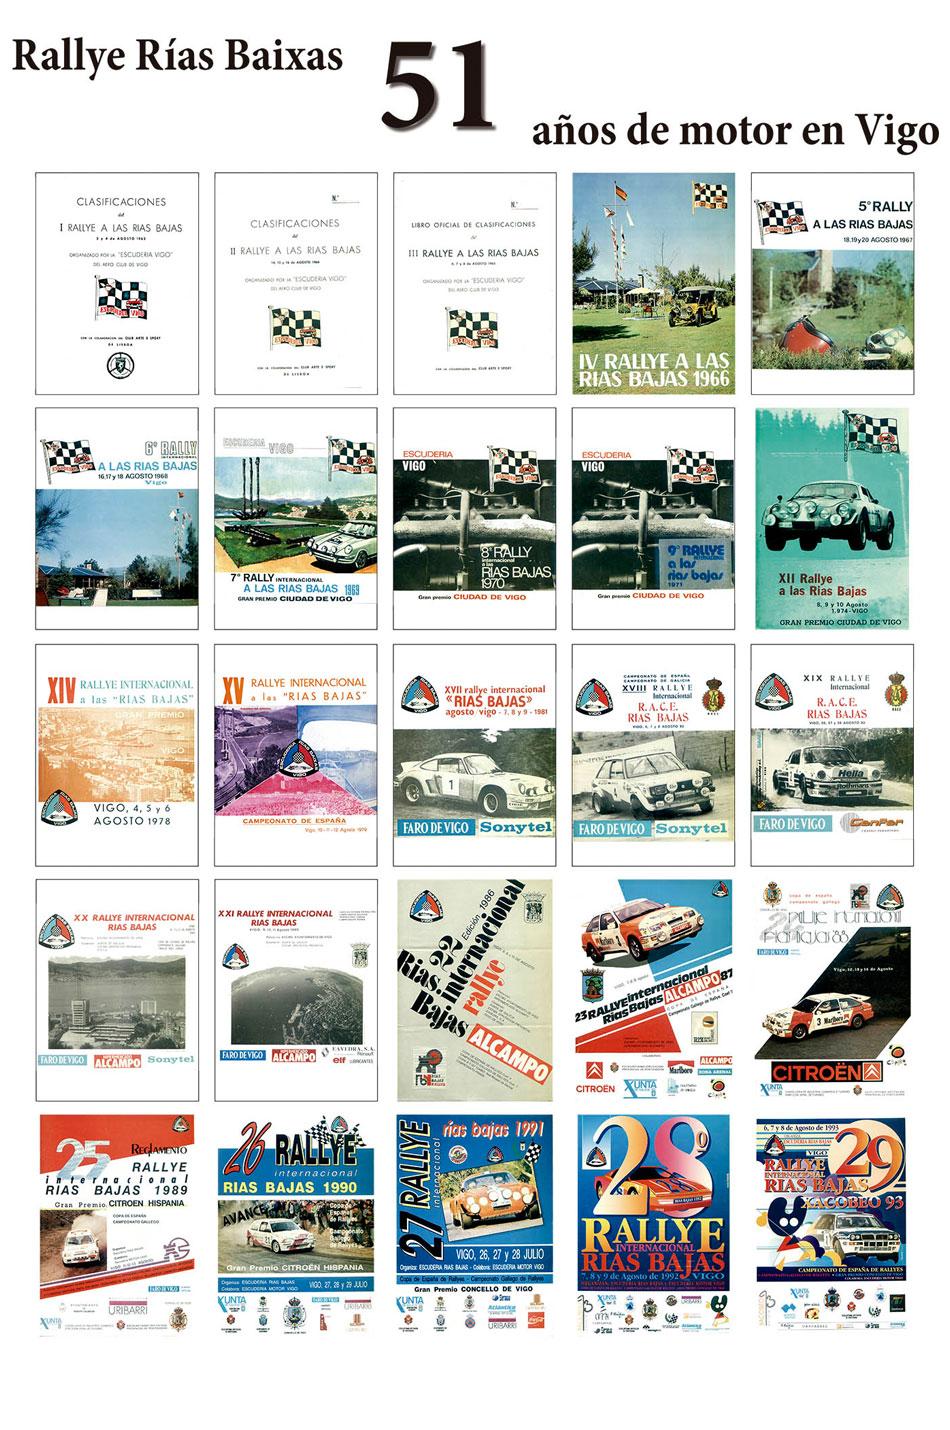 51 años de motor en Vigo